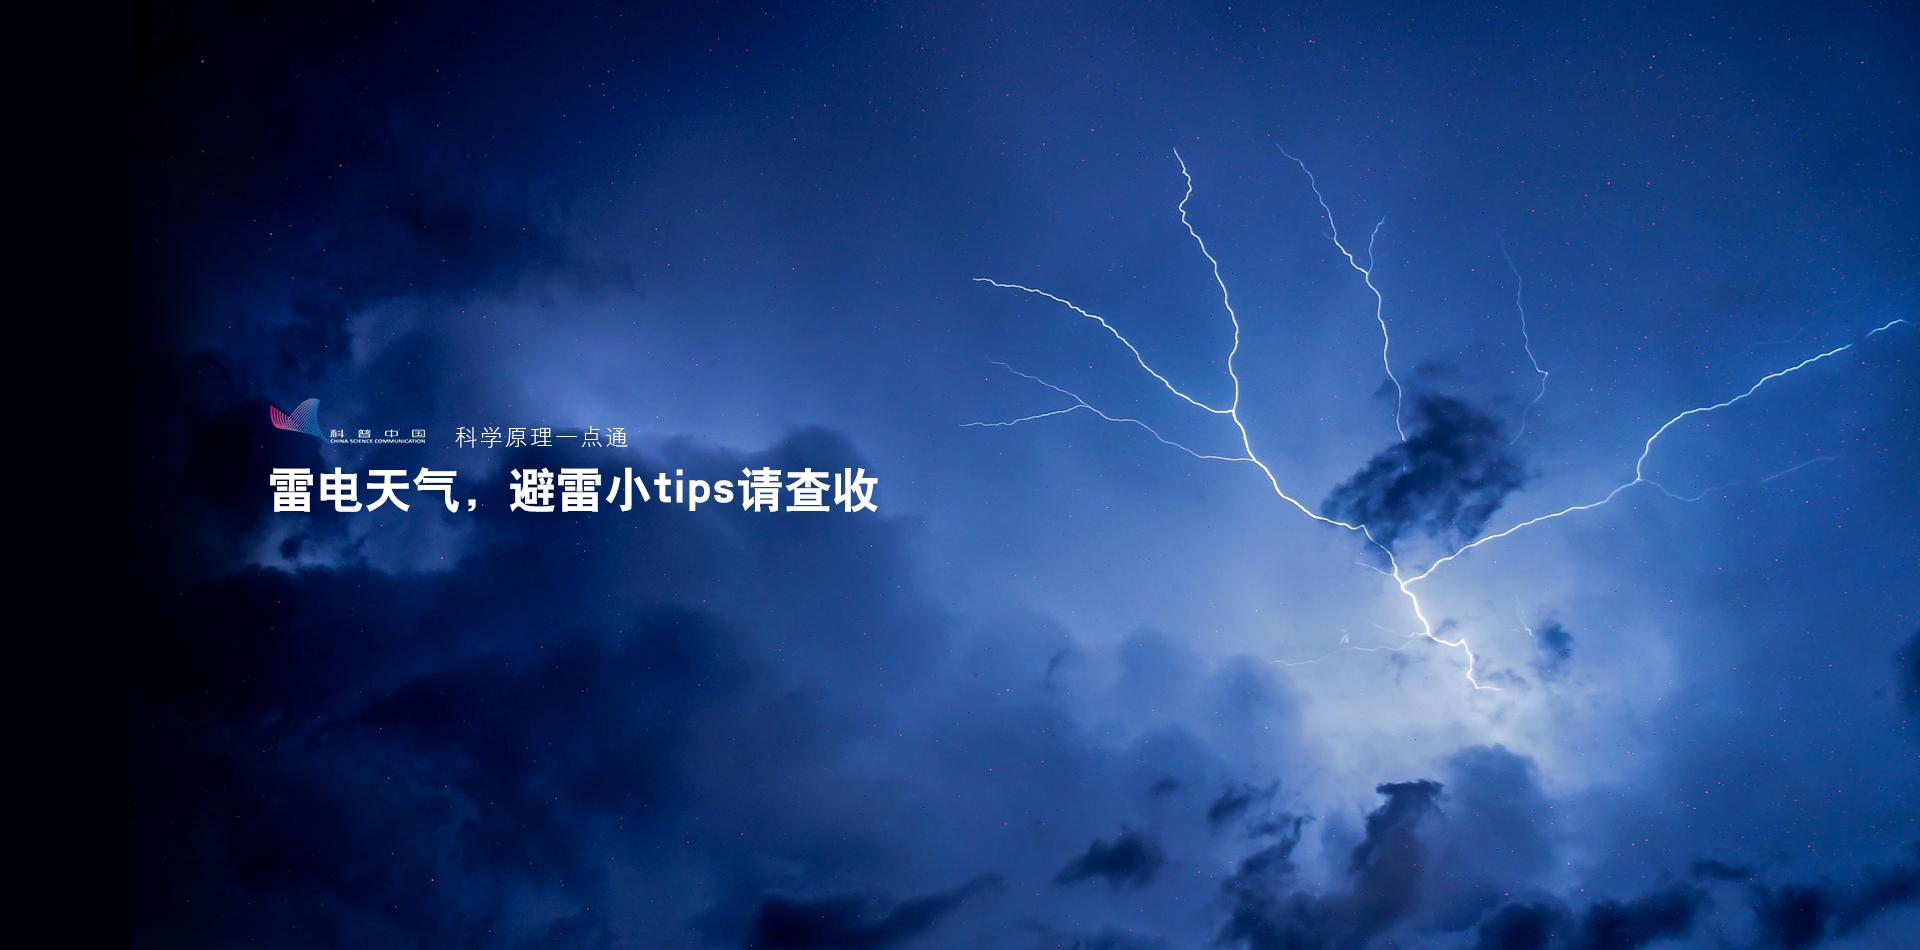 雷電天氣,避雷小tips請查收